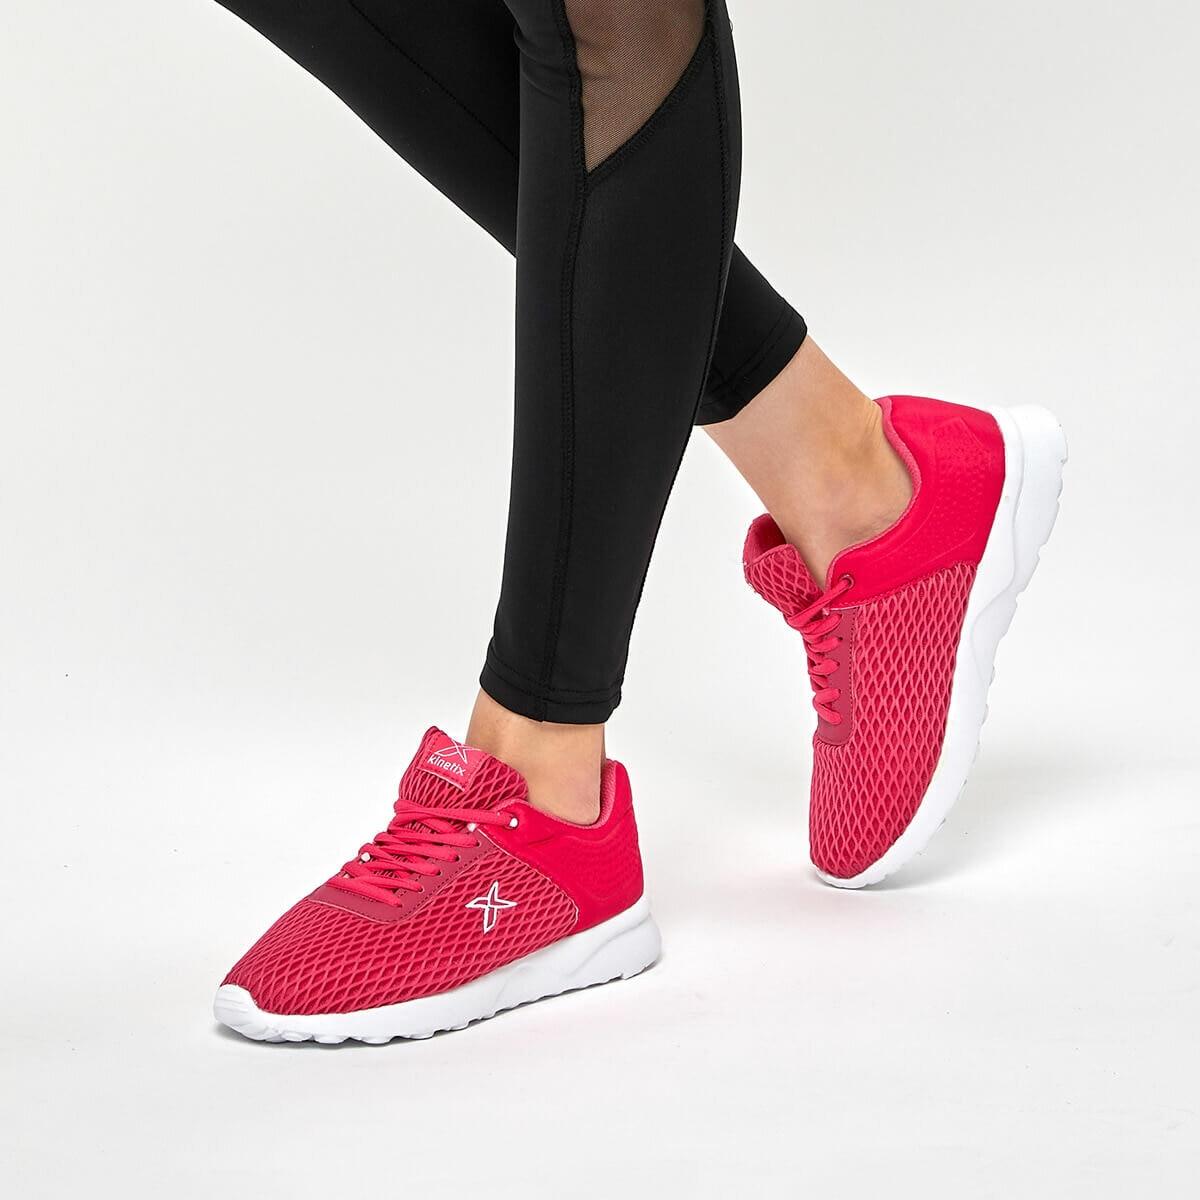 FLO TALY W Fuchsia Women Sneaker Shoes KINETIX